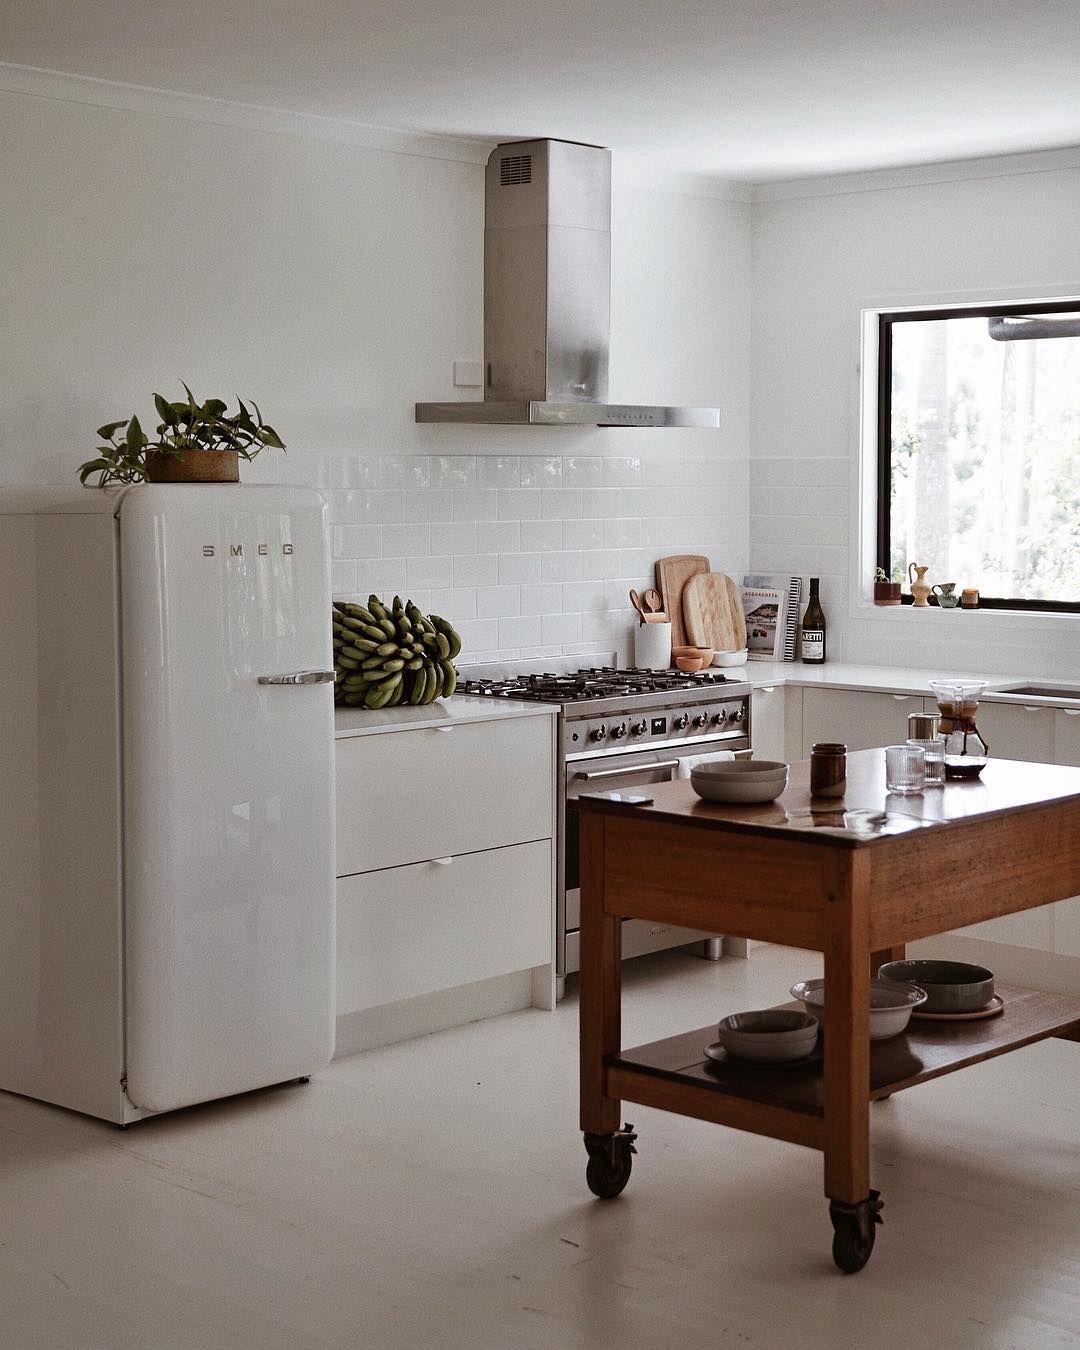 Minimalist Kitchen Design: 10 Elegant Minimalist Kitchen Ideas, Best For Simple